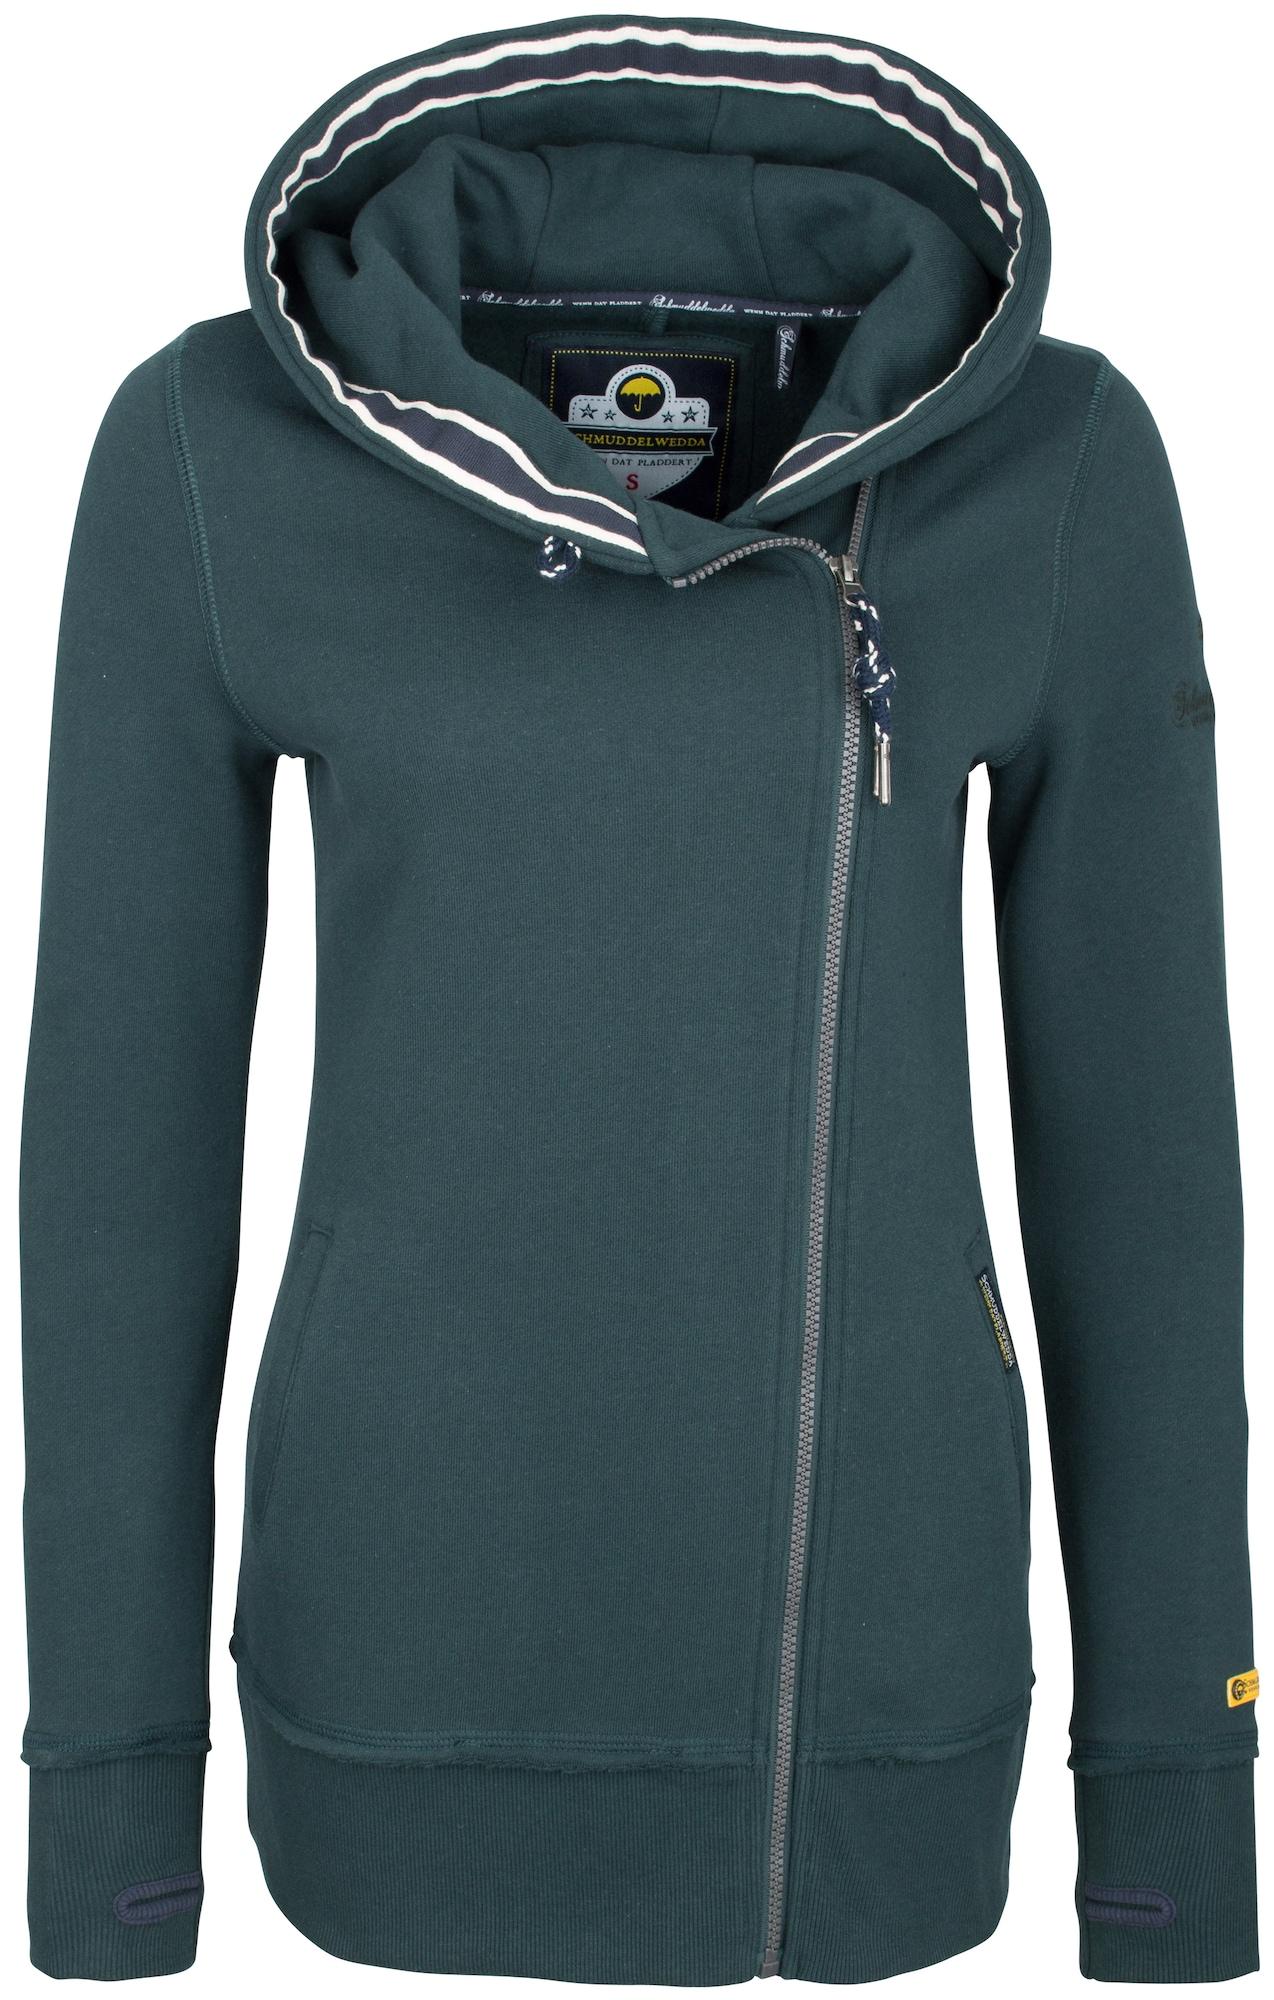 Sweatjacke | Bekleidung > Sweatshirts & -jacken > Sweatjacken | Schmuddelwedda